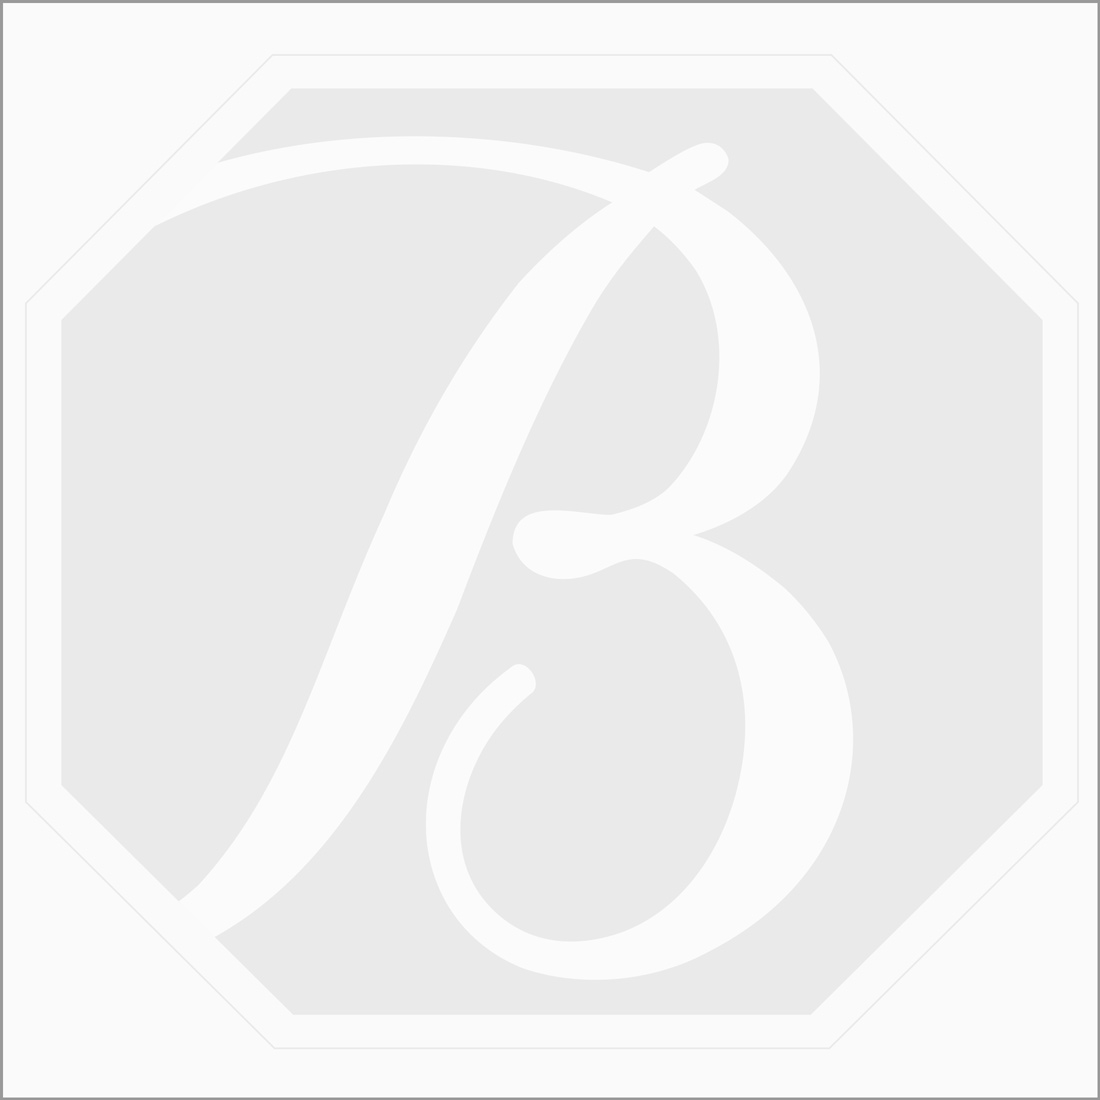 2 Pcs - Bi-Color Tourmaline Rose Cuts - 4.95 ct. - 13.7 x 8.8 x 2 mm & 14.1 x 8.7 x 2.4 mm (TRC1016)